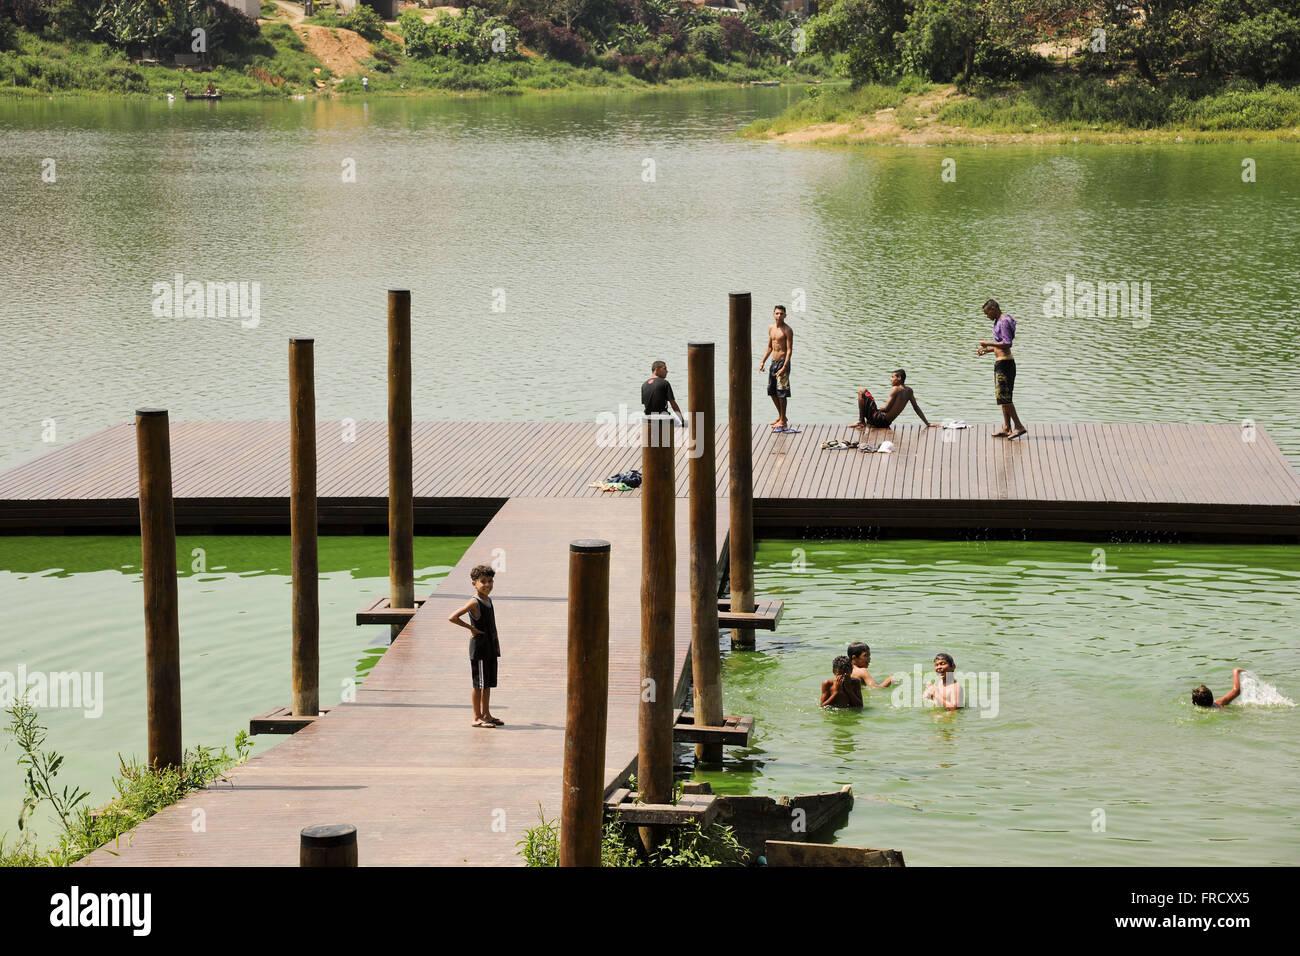 Deck per il tempo libero che vivono nella zona urbanizzata del programma di spartiacque Foto Stock